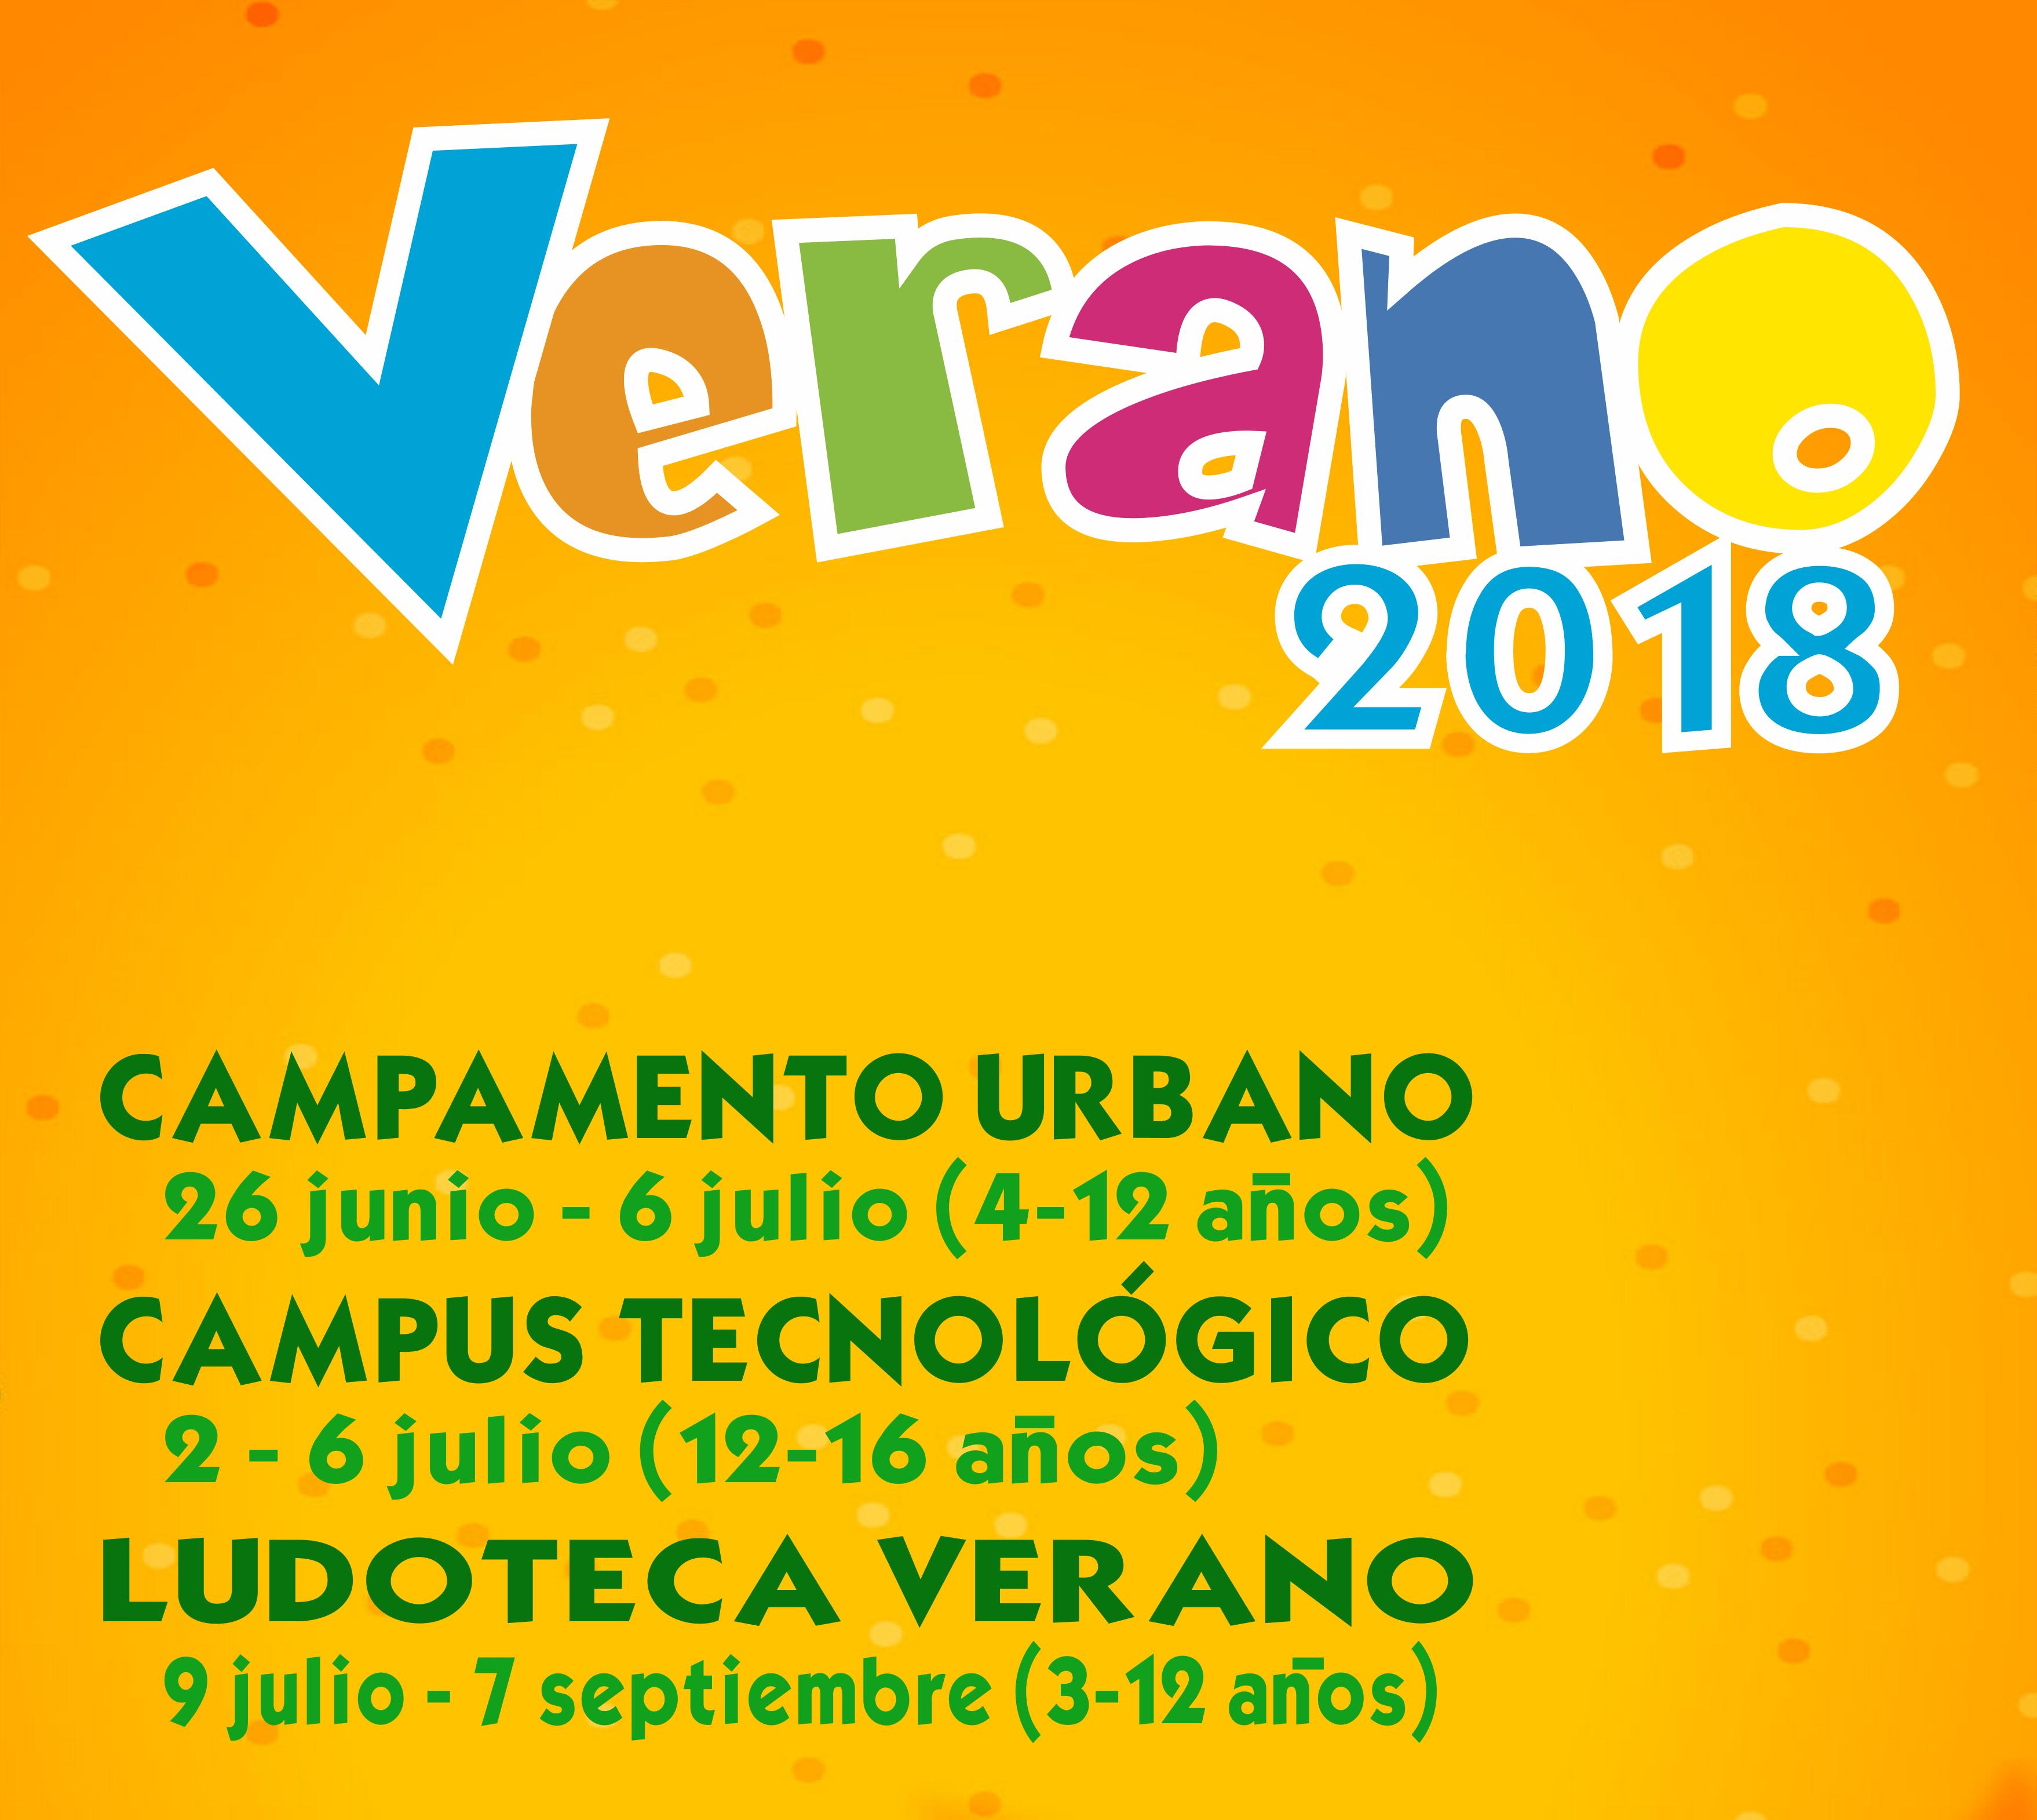 Verano 2018